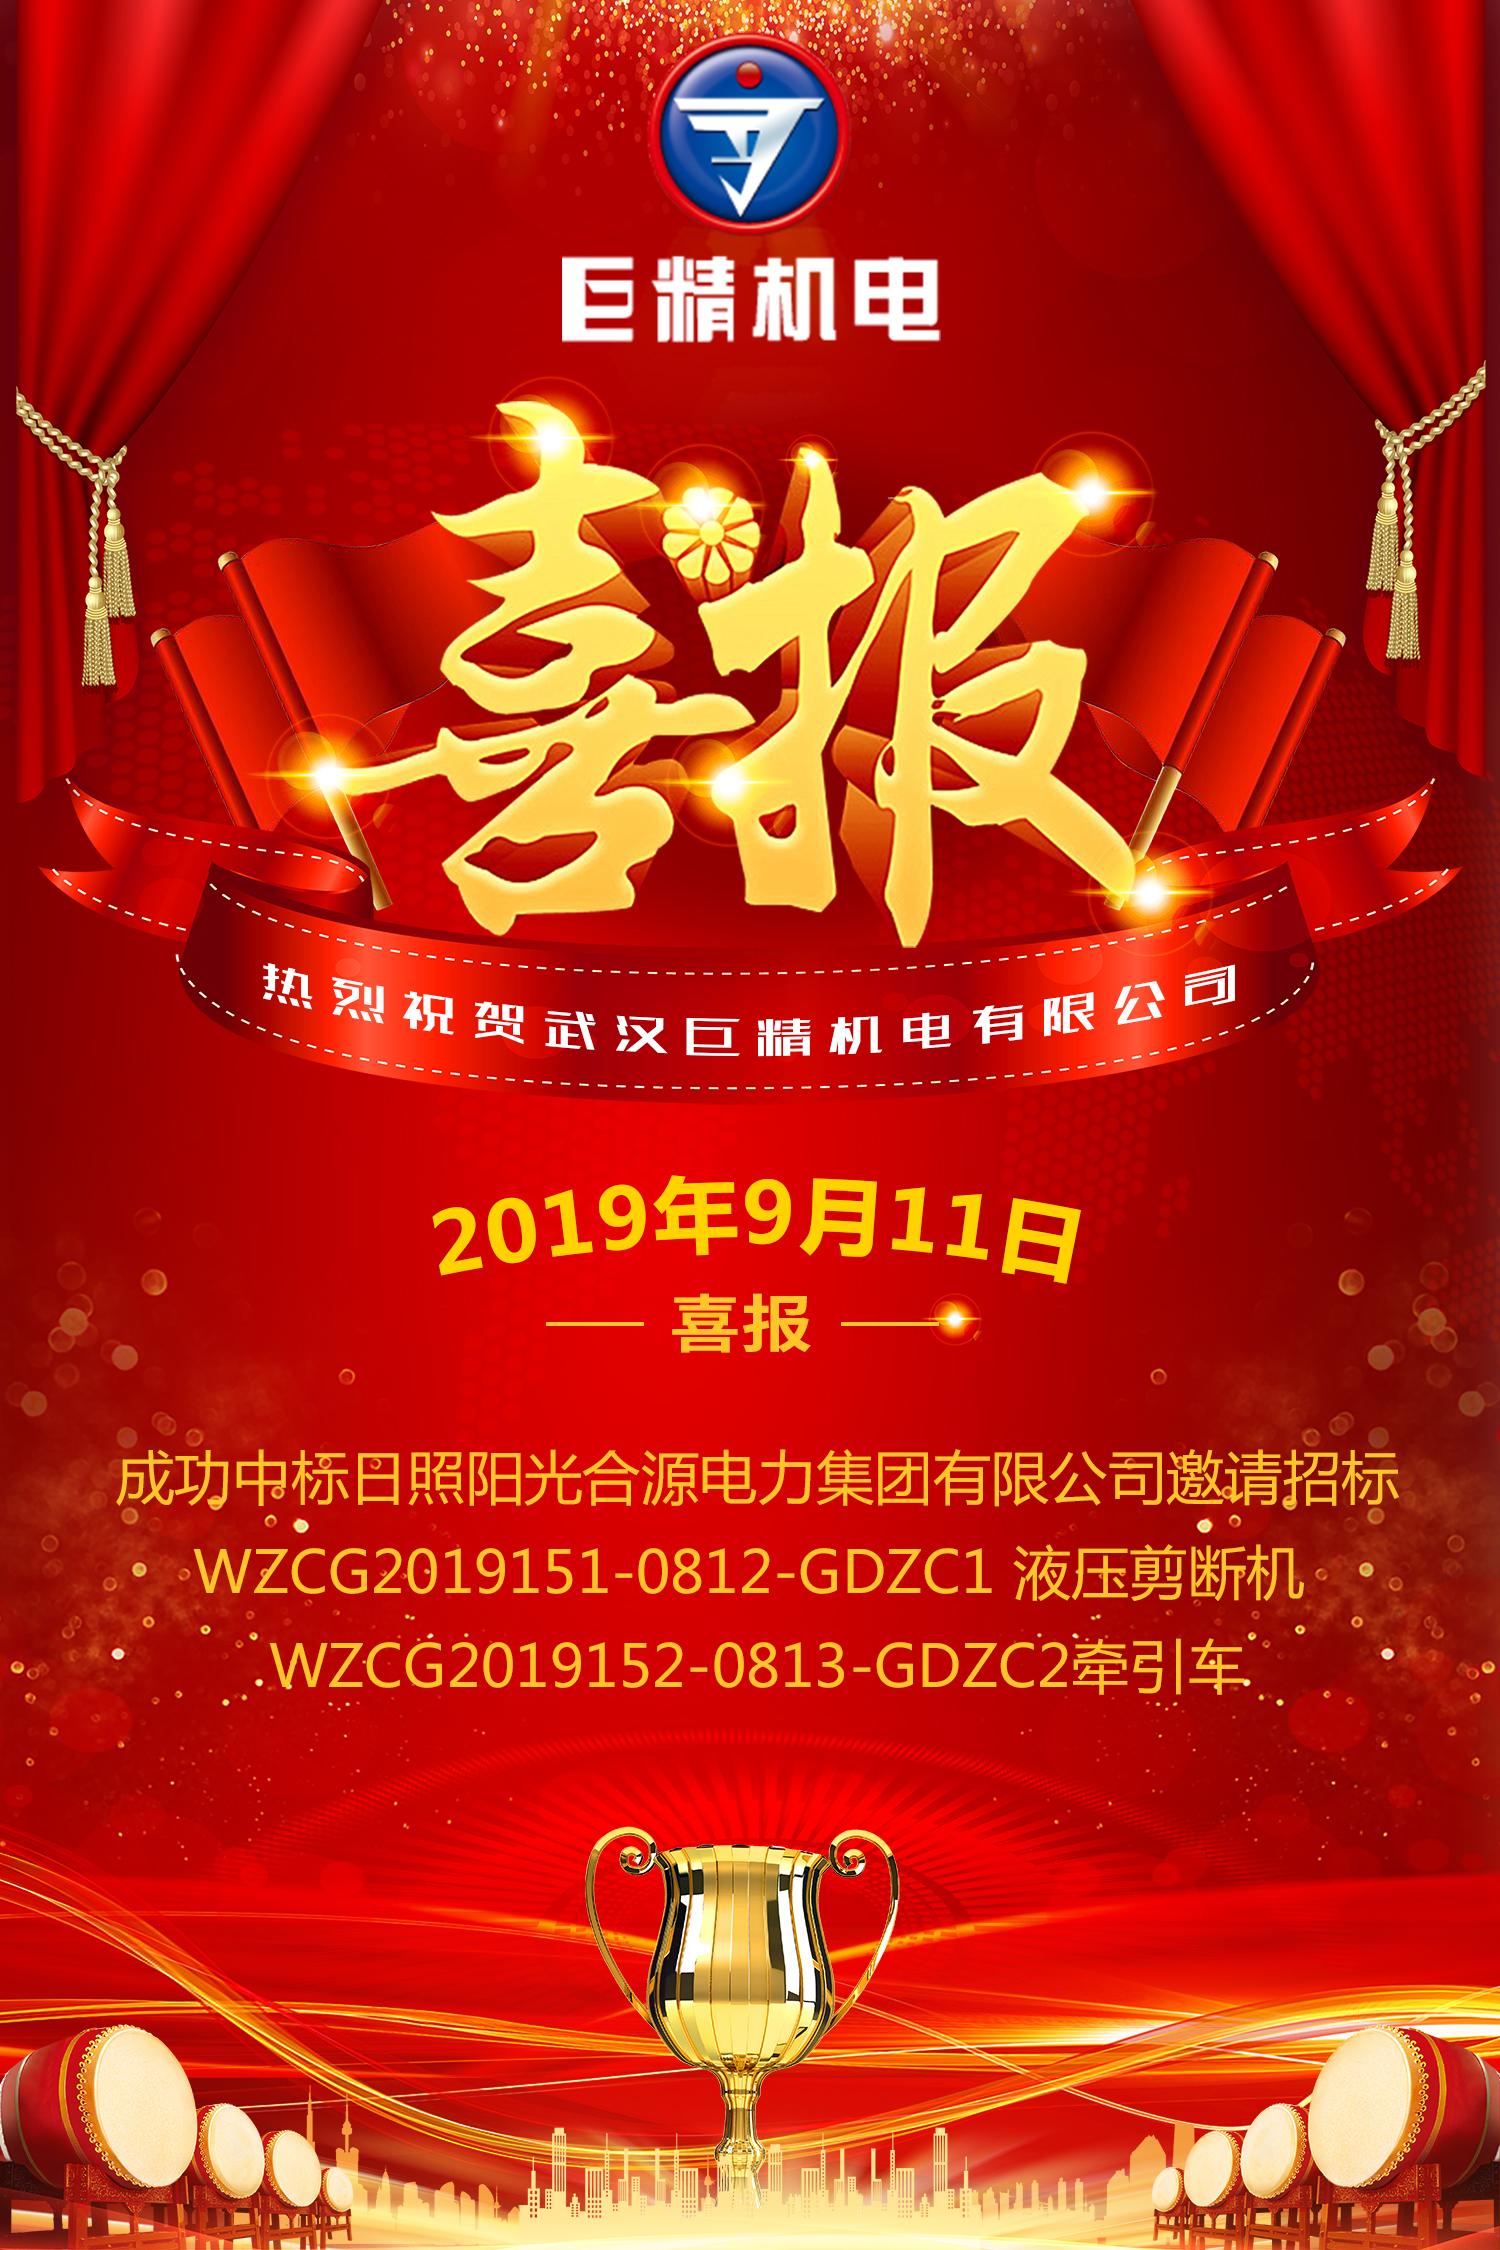 热烈祝贺武汉巨精中标日照阳光合源电力集团有限公司邀请招标